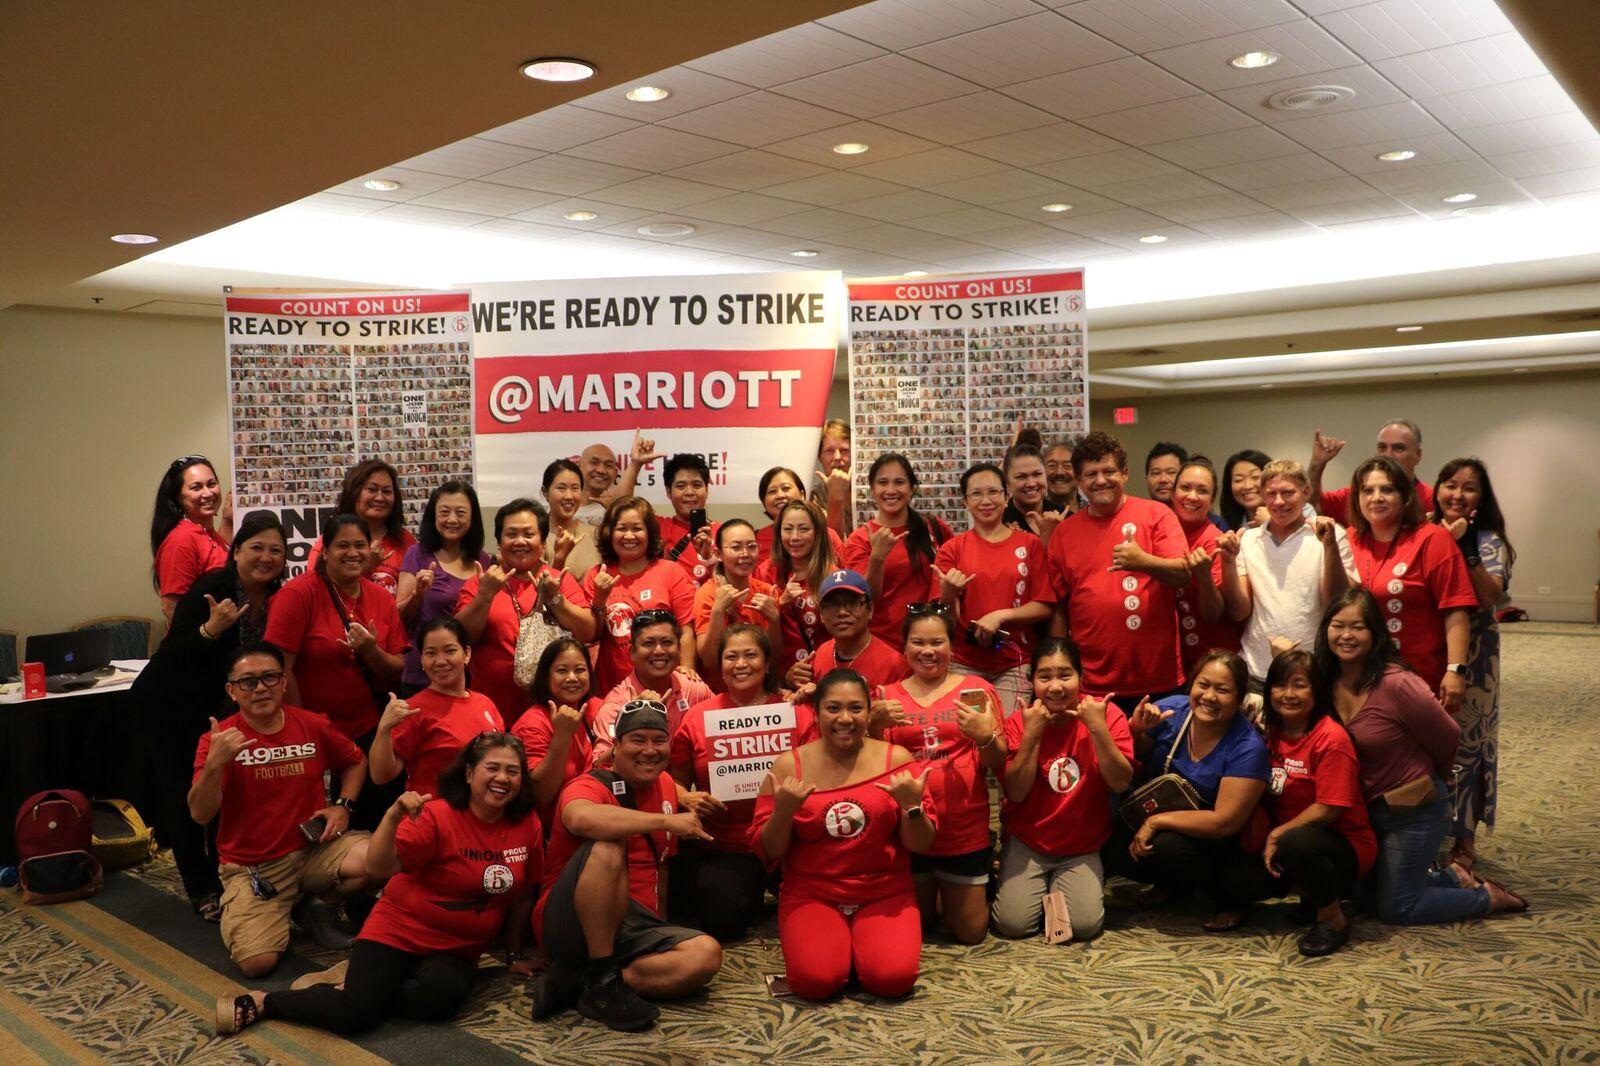 marriott workers_1536649793119.jpeg.jpg